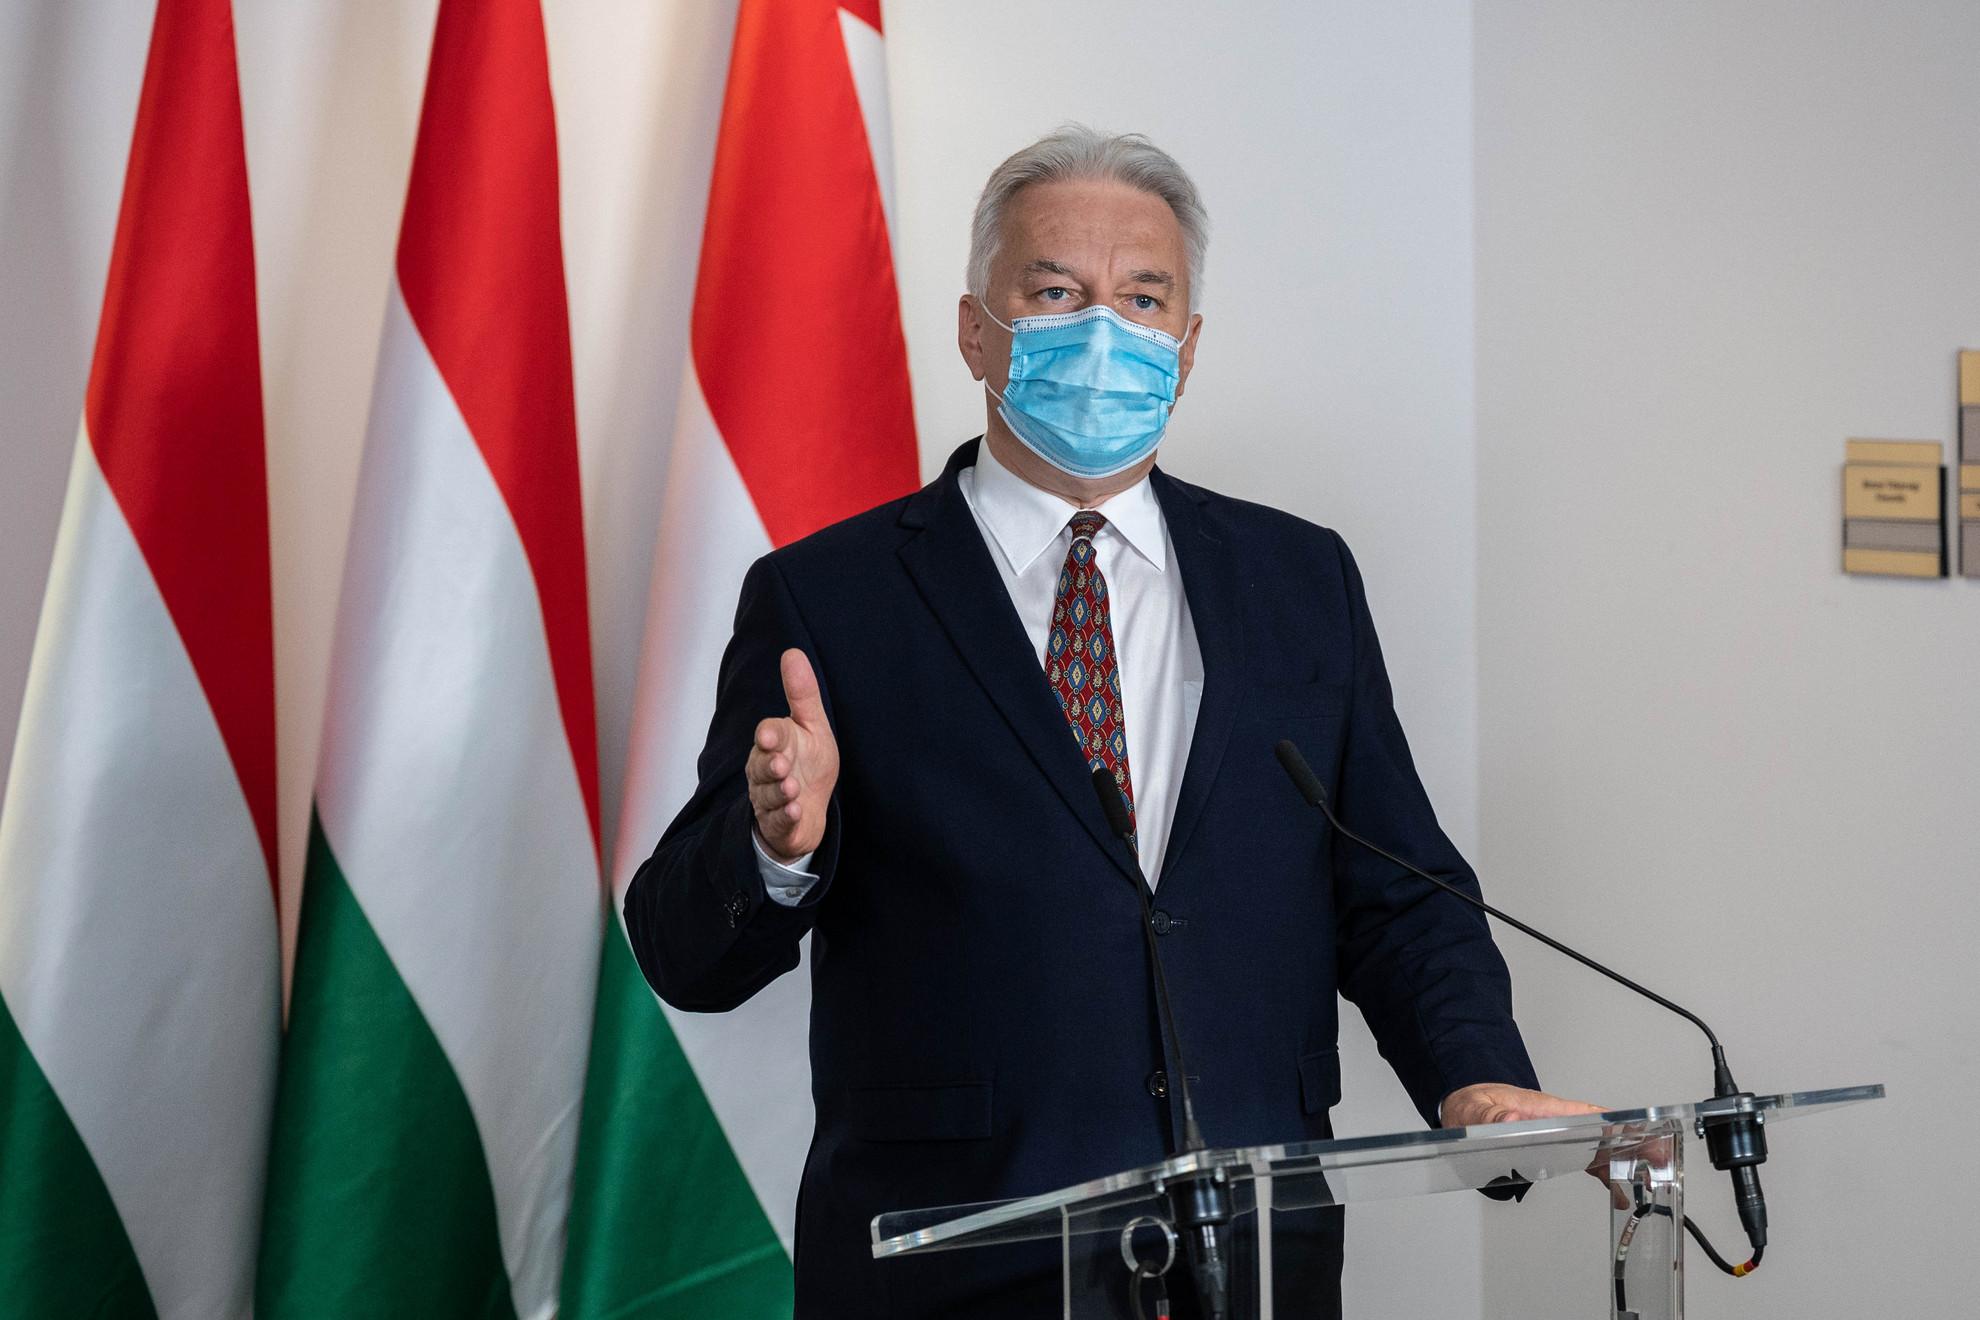 Semjén Zsolt nemzetpolitikáért felelős miniszterelnök-helyettes Budapesten, a Magyar Diaszpóra Tanács ülése után tartott online sajtótájékoztatón 2020. november 26-án